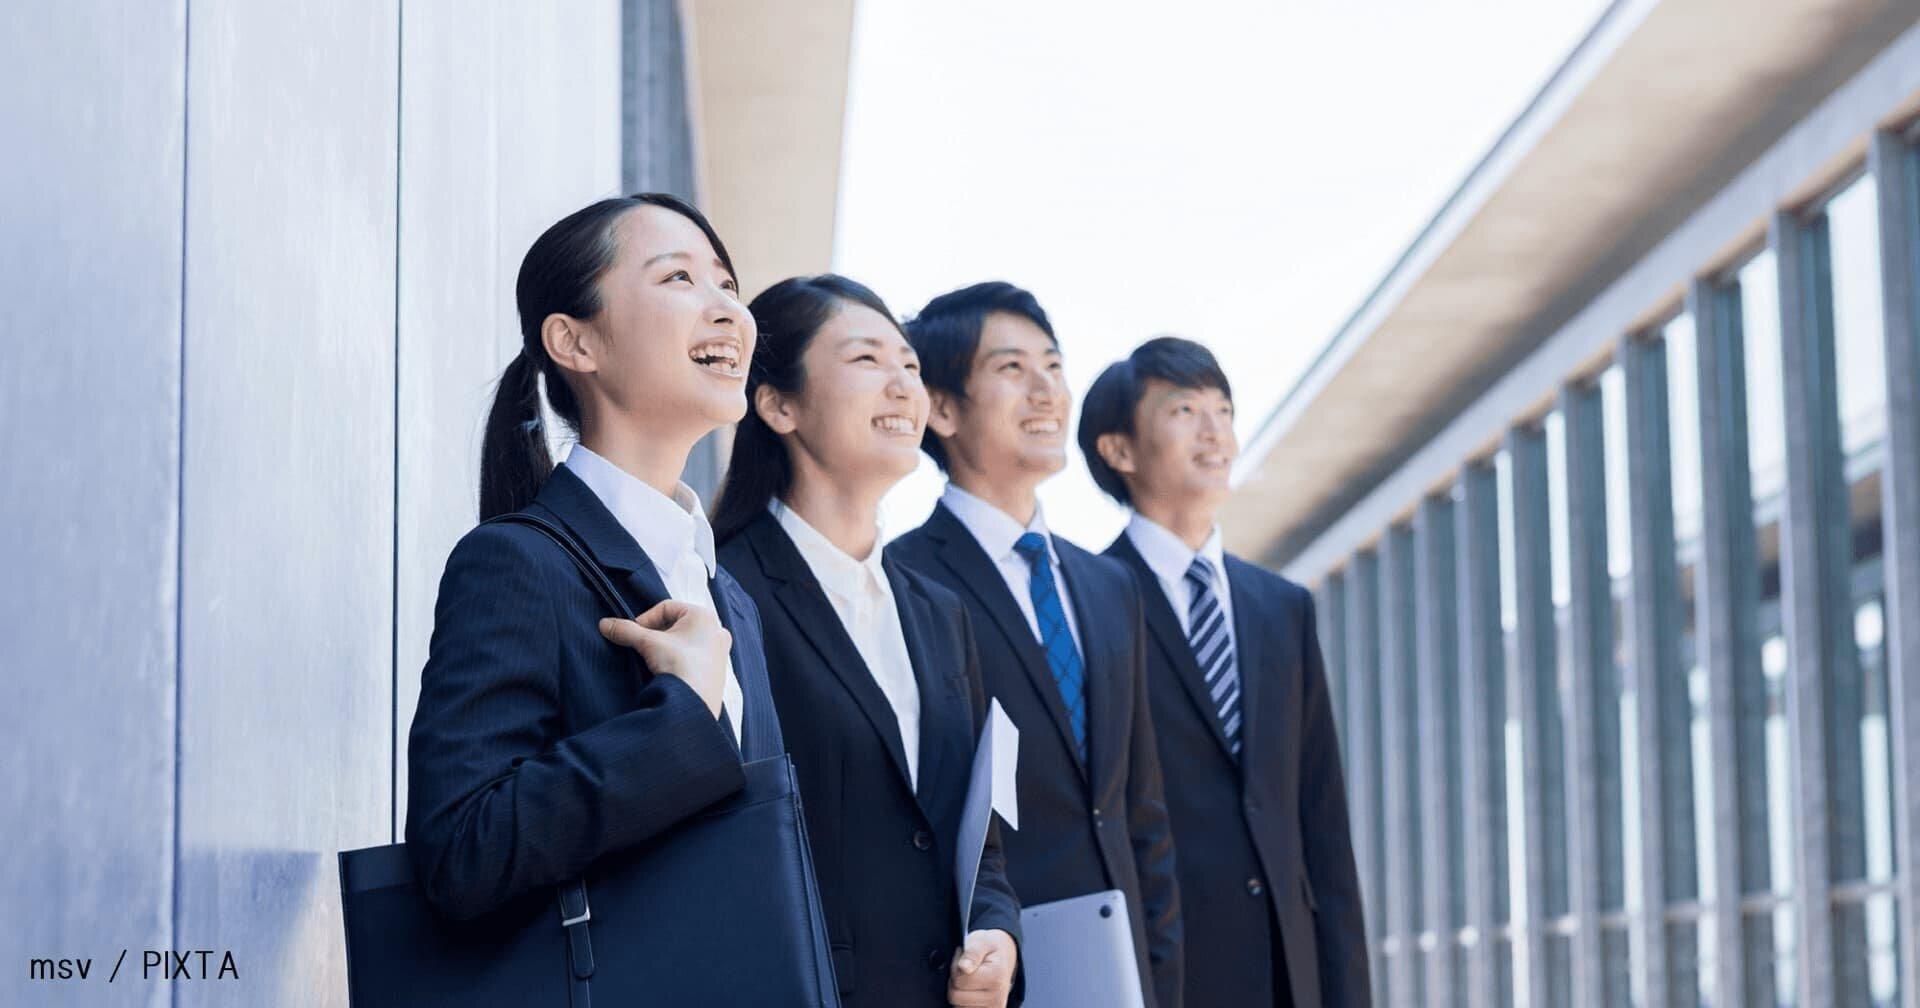 新入社員に教えたい、好感をもたれる会話5つのポイント